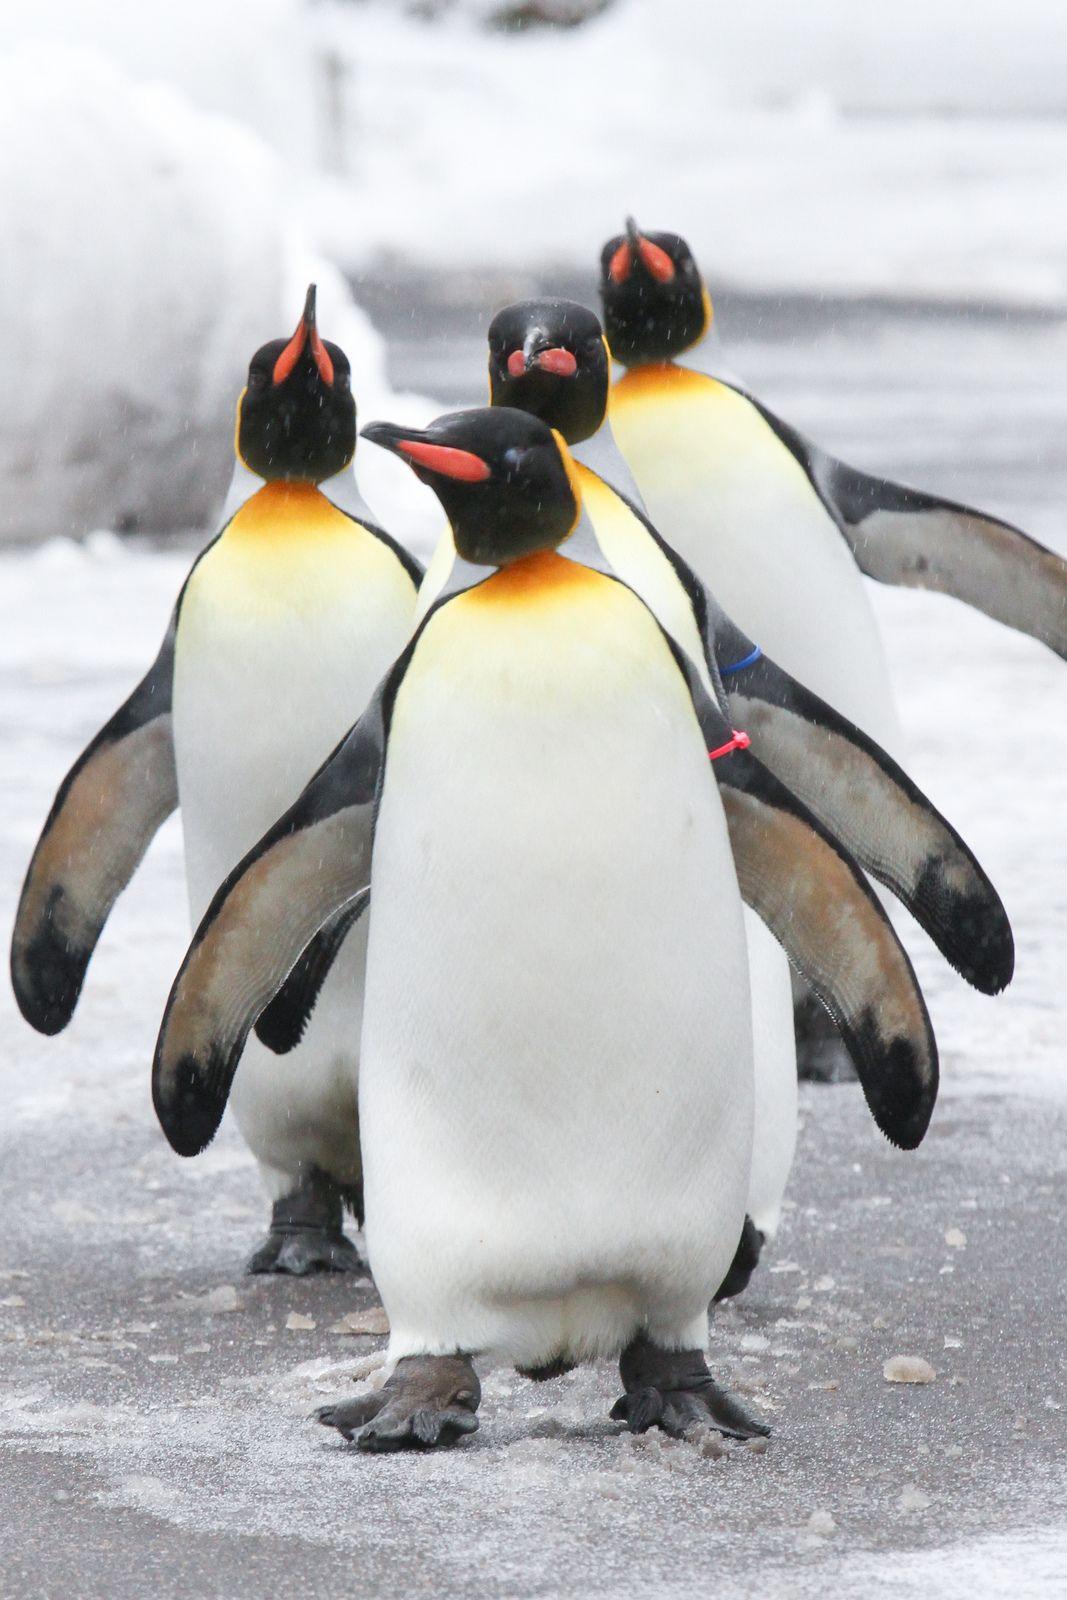 инновационное фото пингвинов с цветочками первой встрече